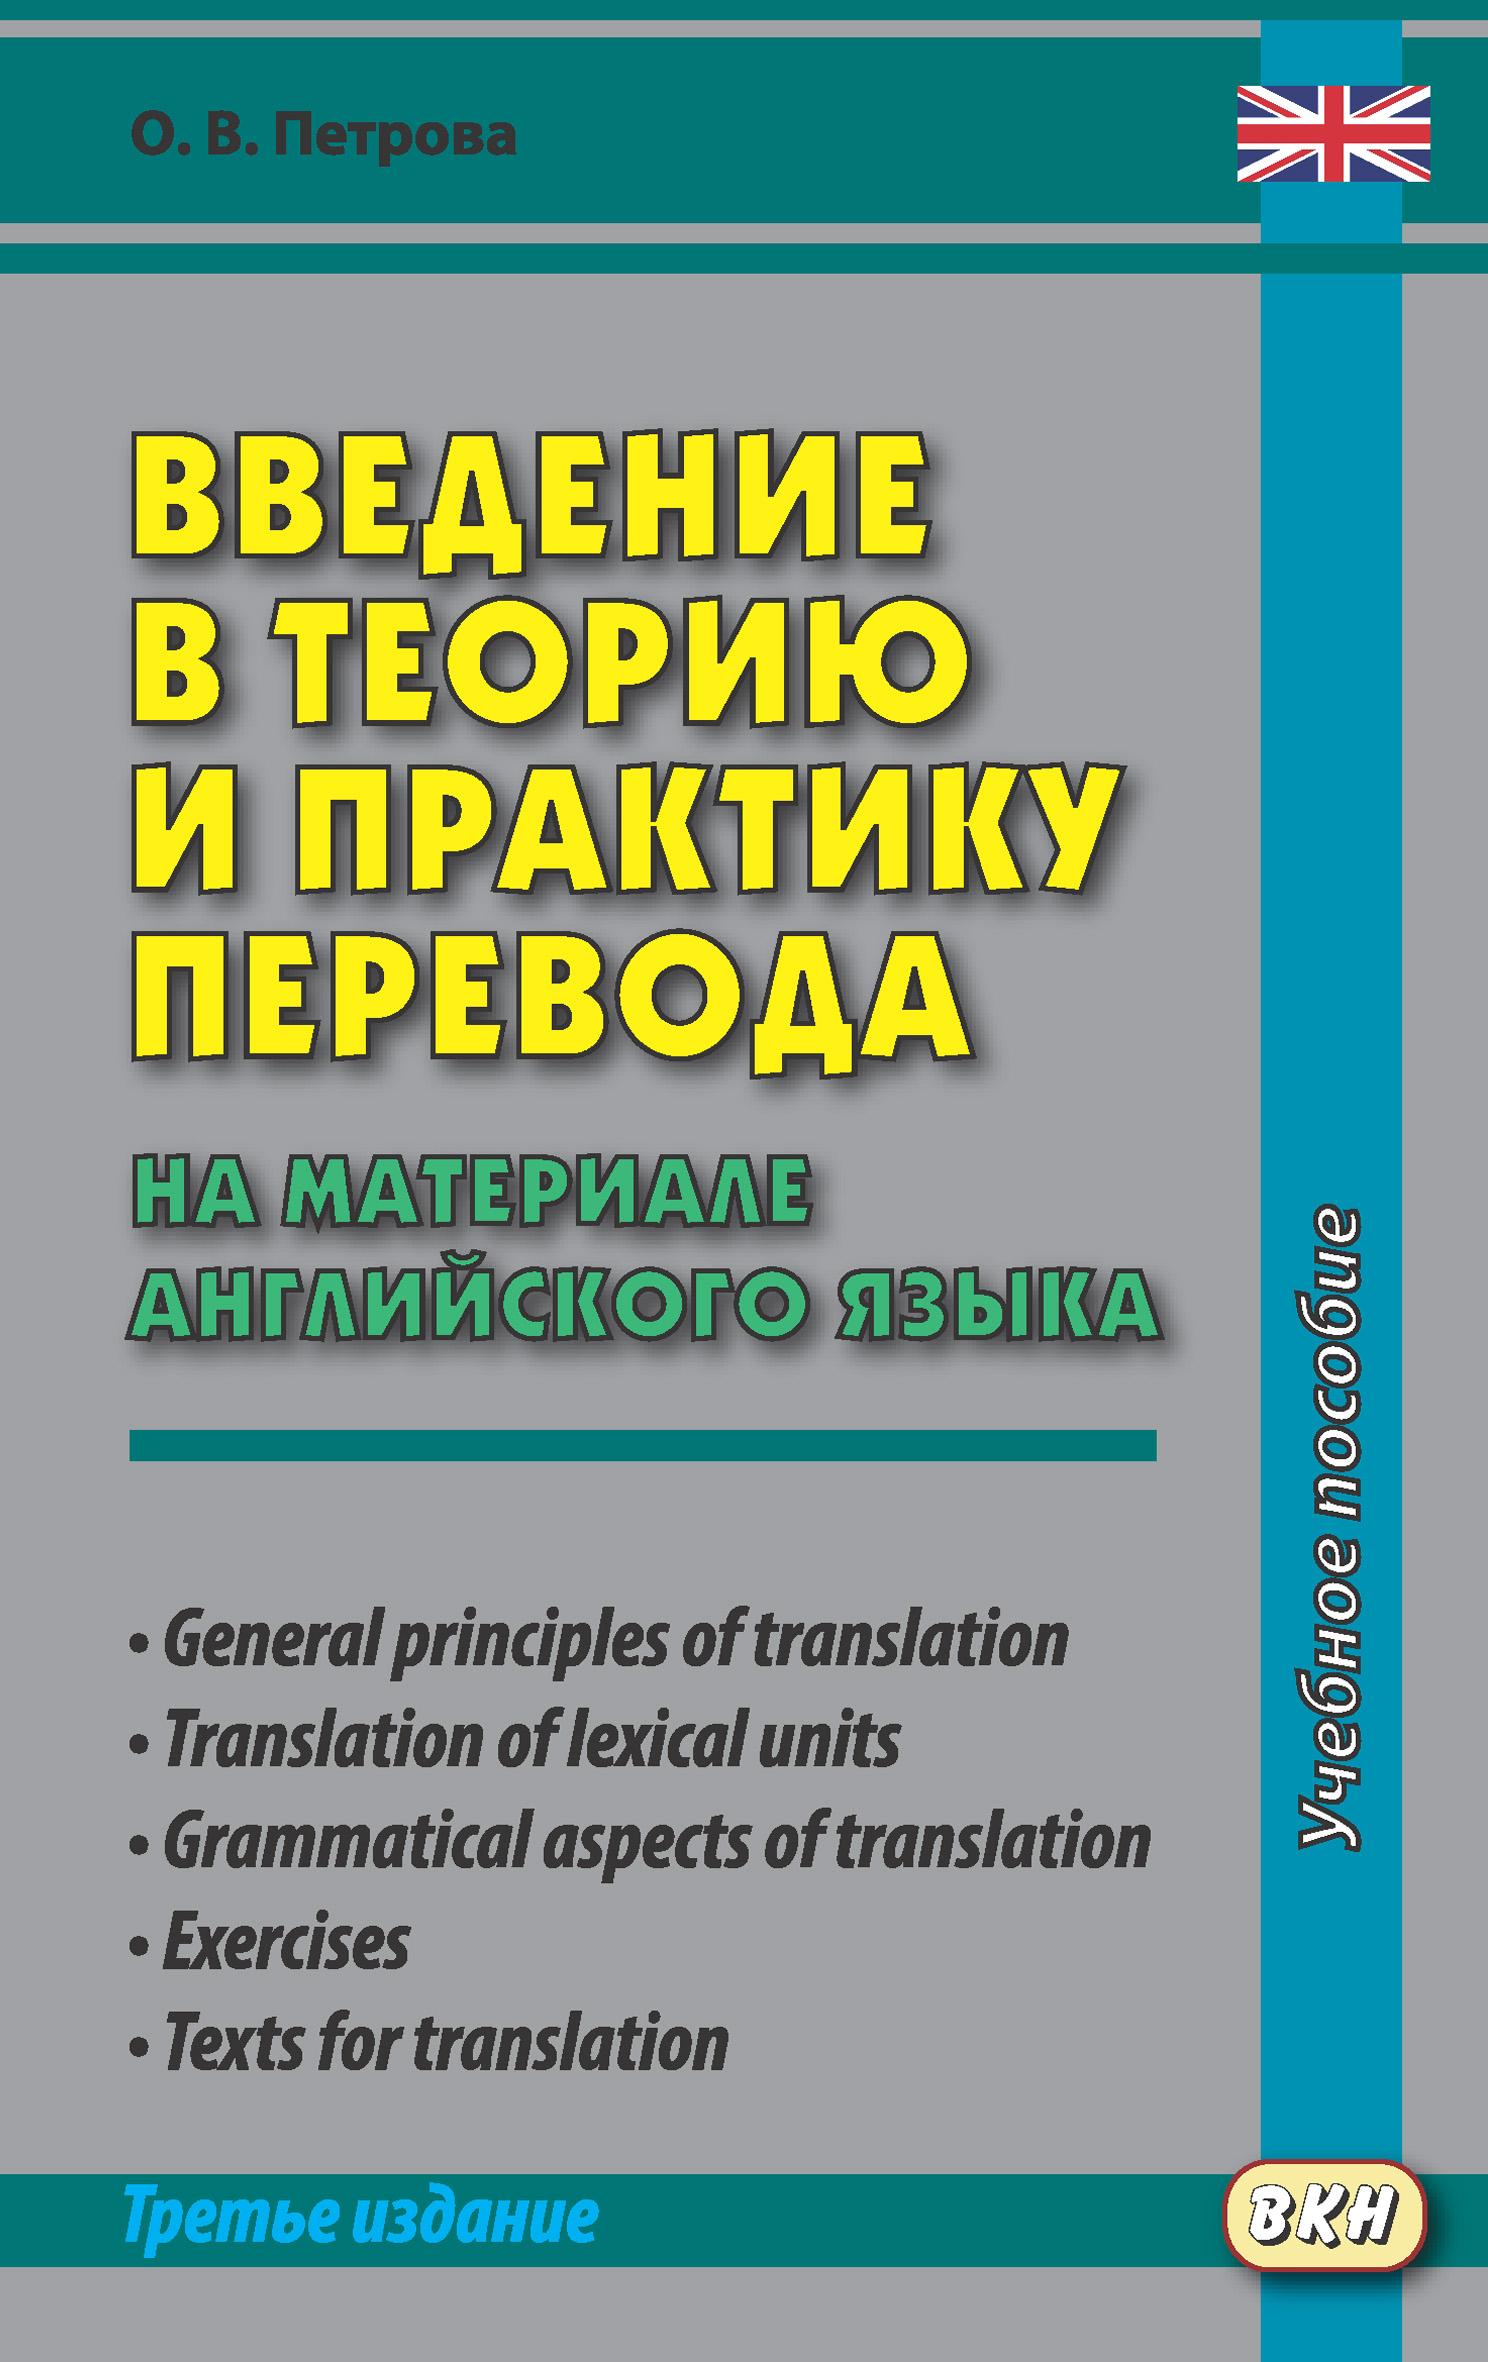 купить Ольга Петрова Введение в теорию и практику перевода (на материале английского языка) по цене 129 рублей